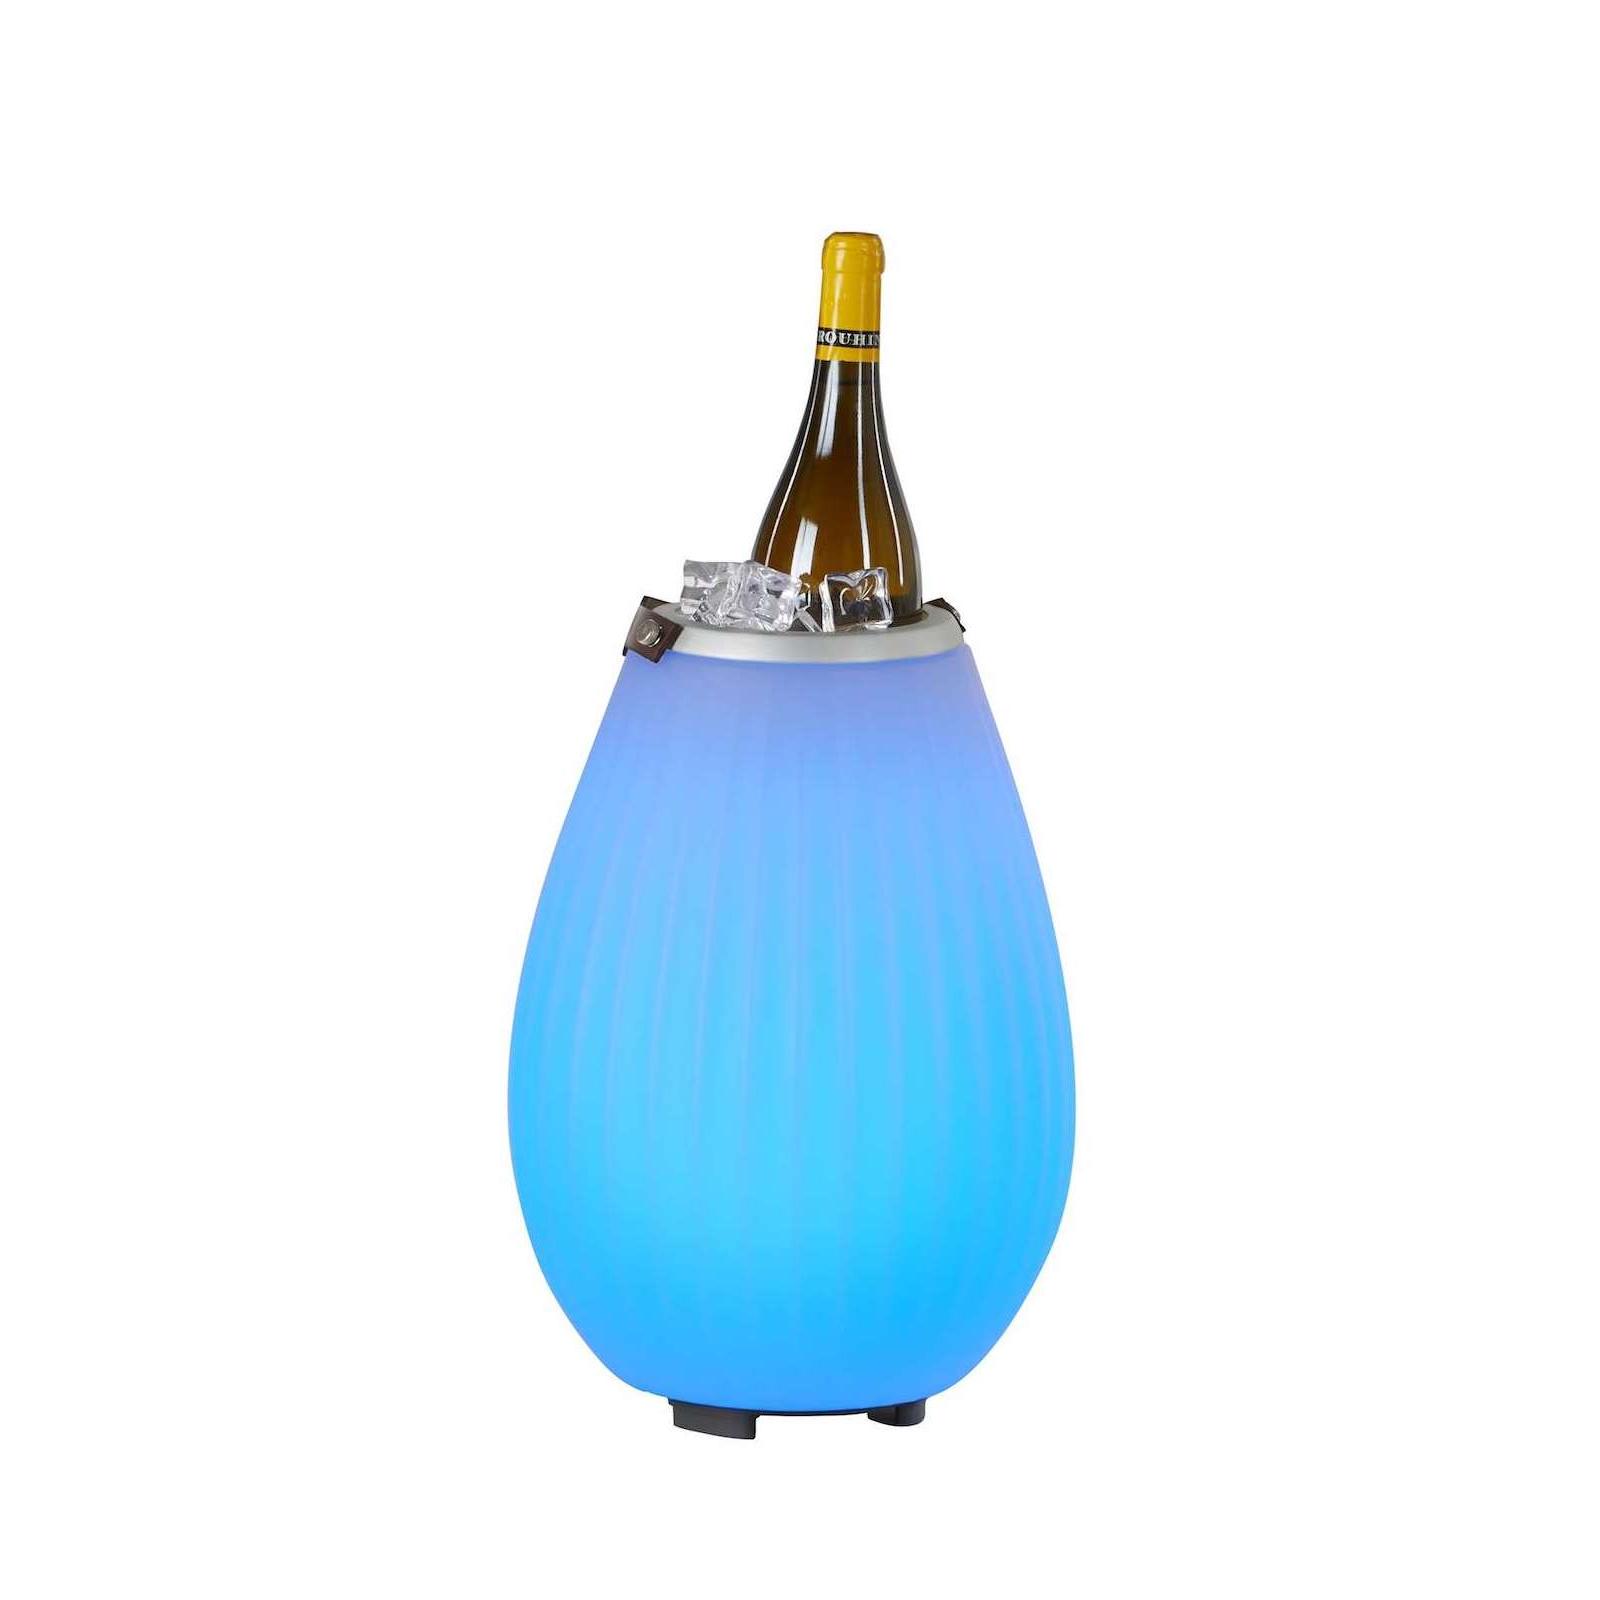 The Joouly 35 Bluetooth Lautsprecher Farbwechsel Lampe mit Getränkekühler   eBay